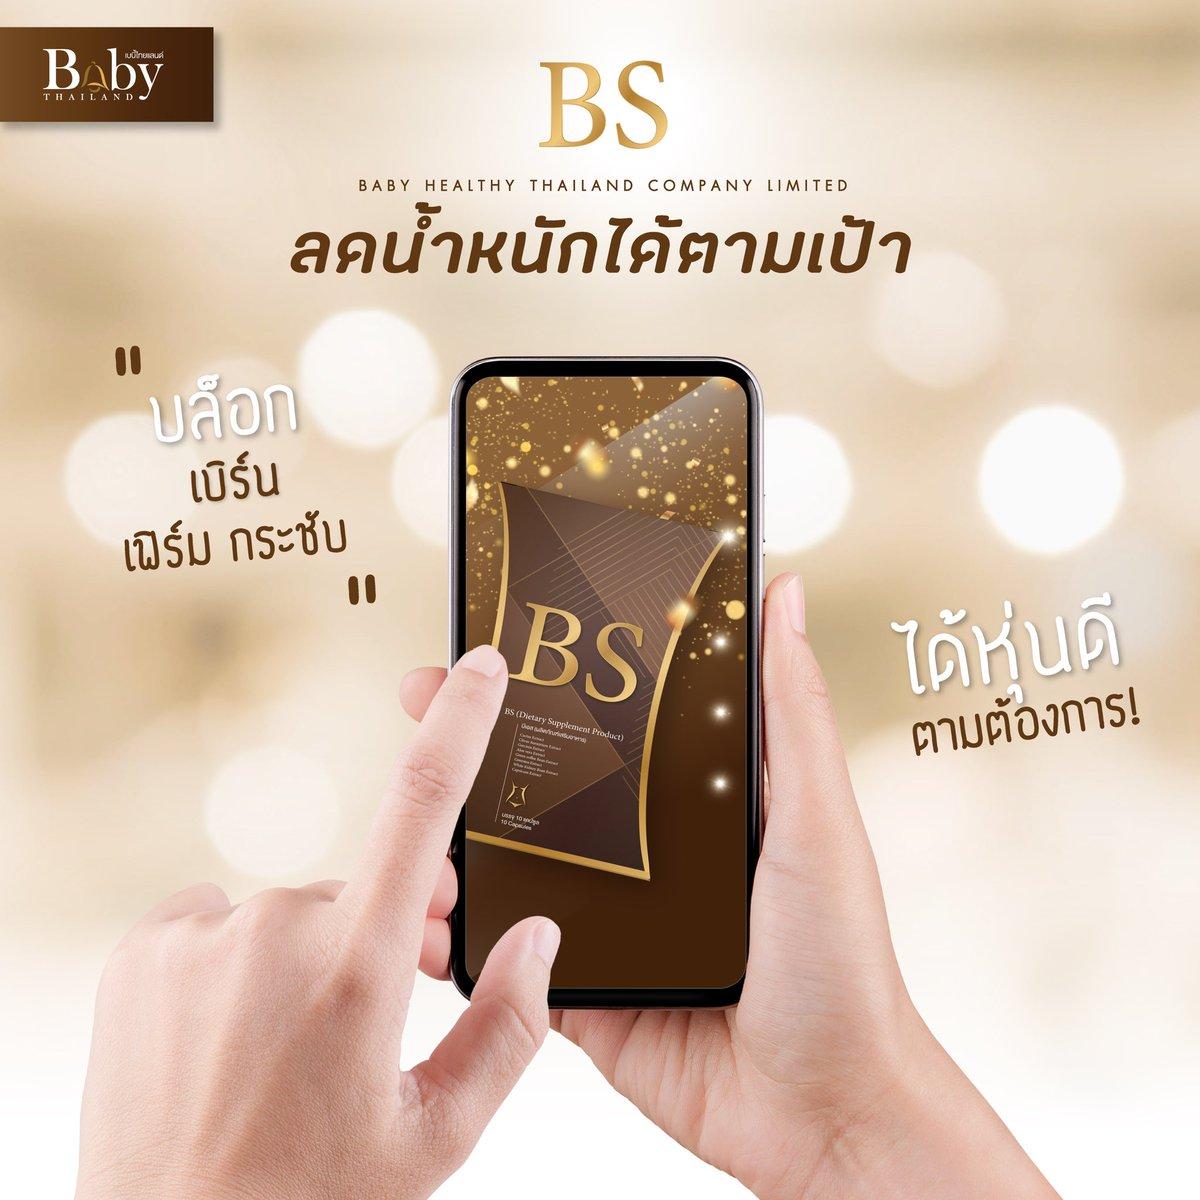 น้ำหนักเกิน ตัวใหญ่ ไขมันสะสม 𝐁𝐒 เอาอยู่ บล็อก เบิร์น ไขมัน . เพิ่มการเผาผลาญด้วย 𝐒 ตัวแถม 🚩 เซตทดลอง 1แถม1 390.- ค่าส่ง 50.- 🎉 เซตขายดี 5แถม5 1,550.- ราคาตัวแทน+ส่งฟรี #BABY #Babythailand #BS #บีเอส https://t.co/UF5ni8o72k